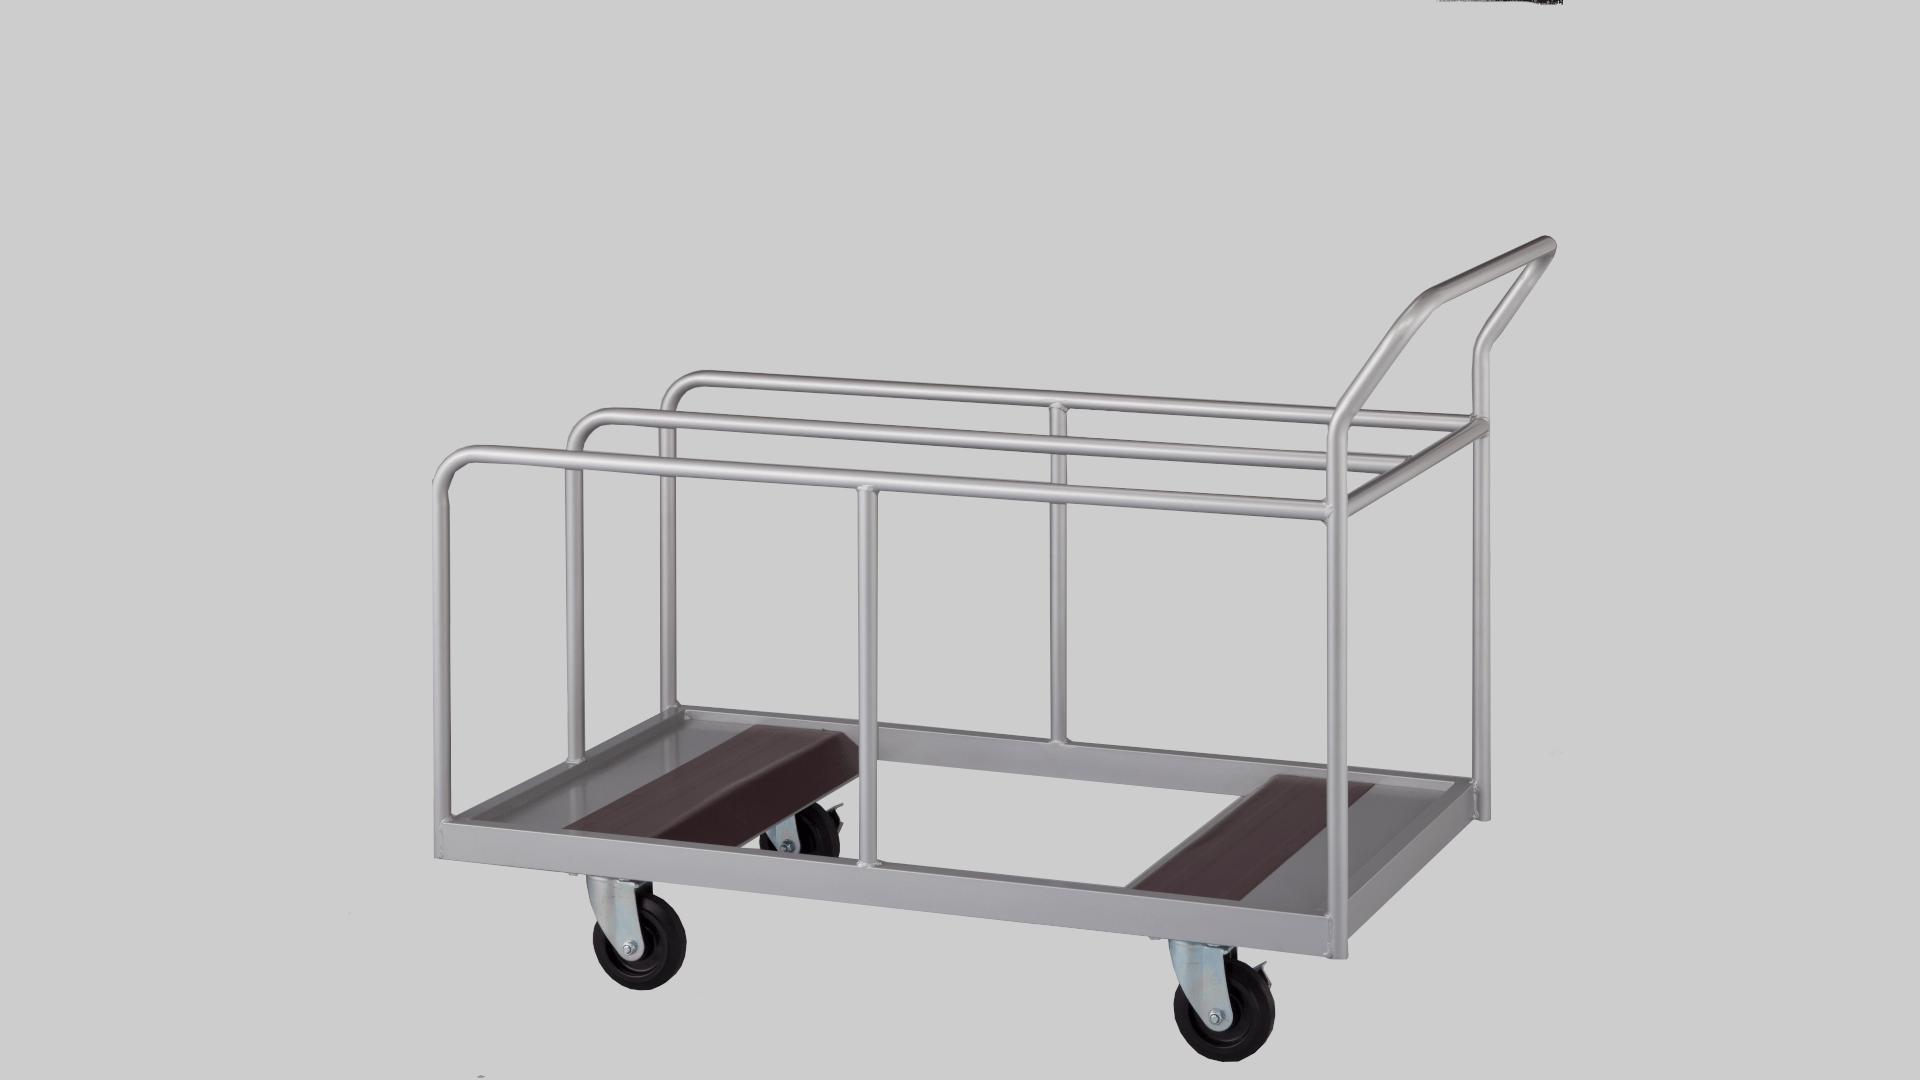 ターンテーブル台車 イメージ